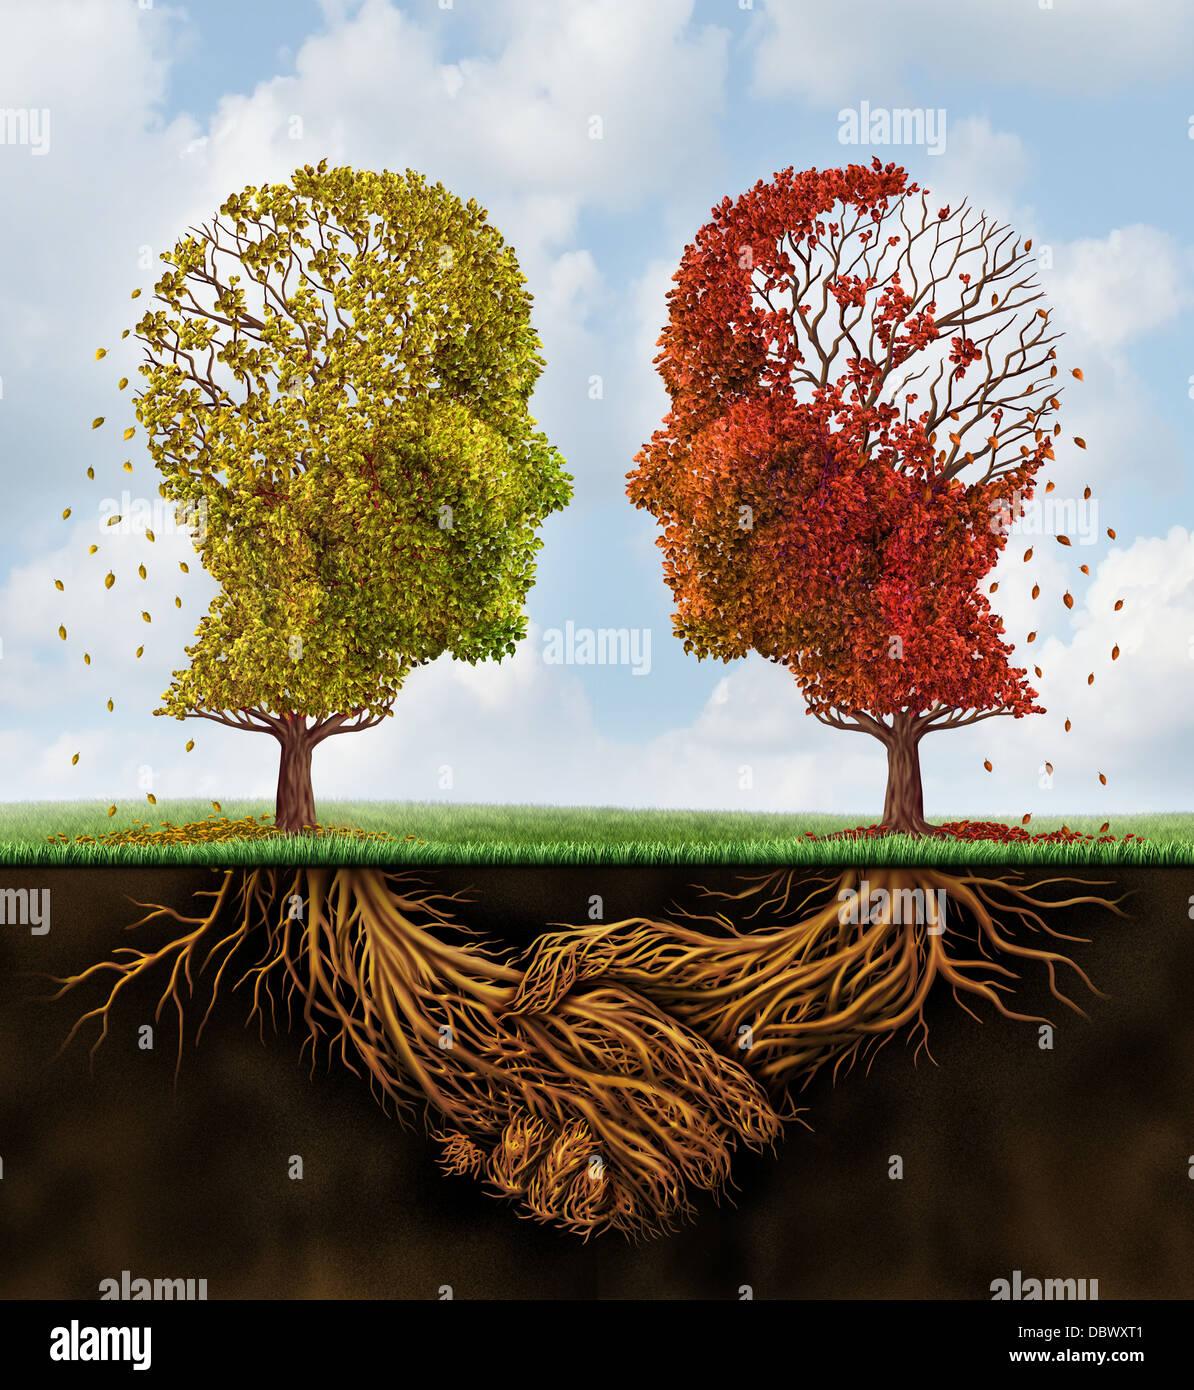 Verblassen Team Business Konzept Mit Zwei Herbst Baume Verlieren